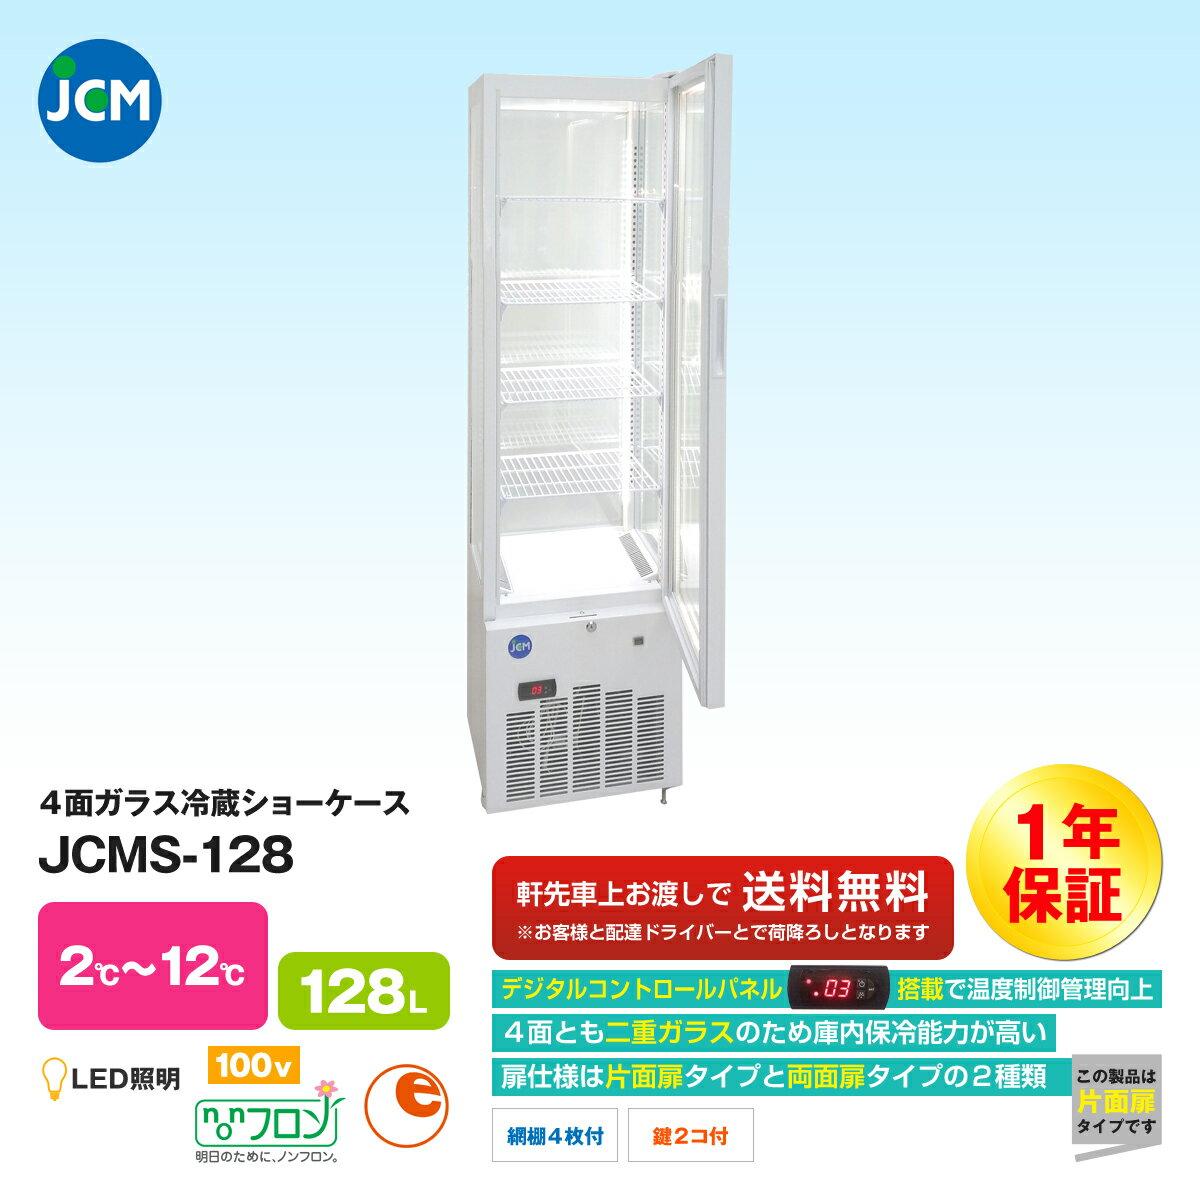 【エントリーでポイント最大10倍】JCM社製 業務用 保冷庫 冷蔵庫 128L 4面 ガラス 冷蔵 ショーケース JCMS-128 新品